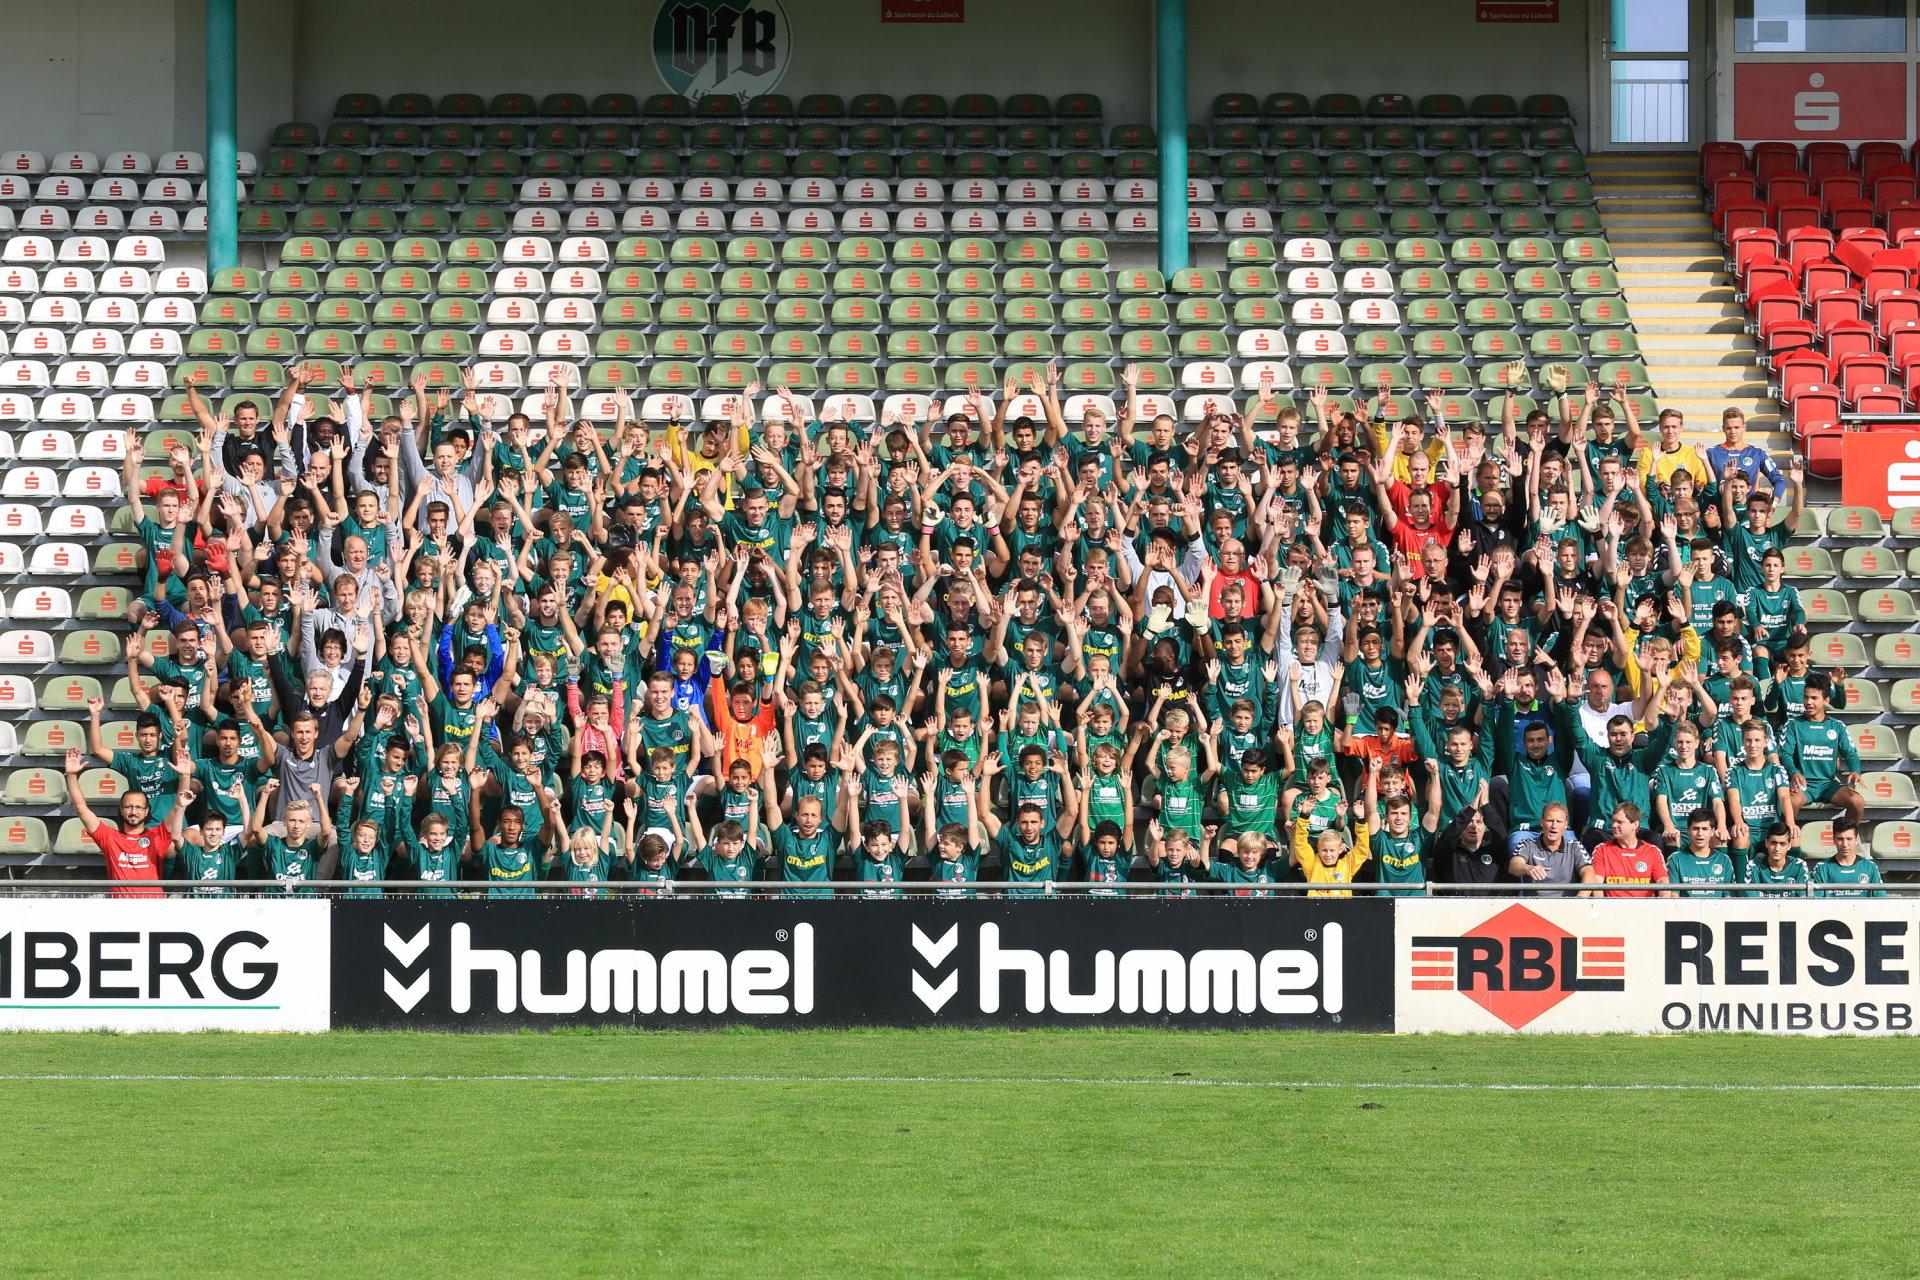 VfB-Familie 2014/2015